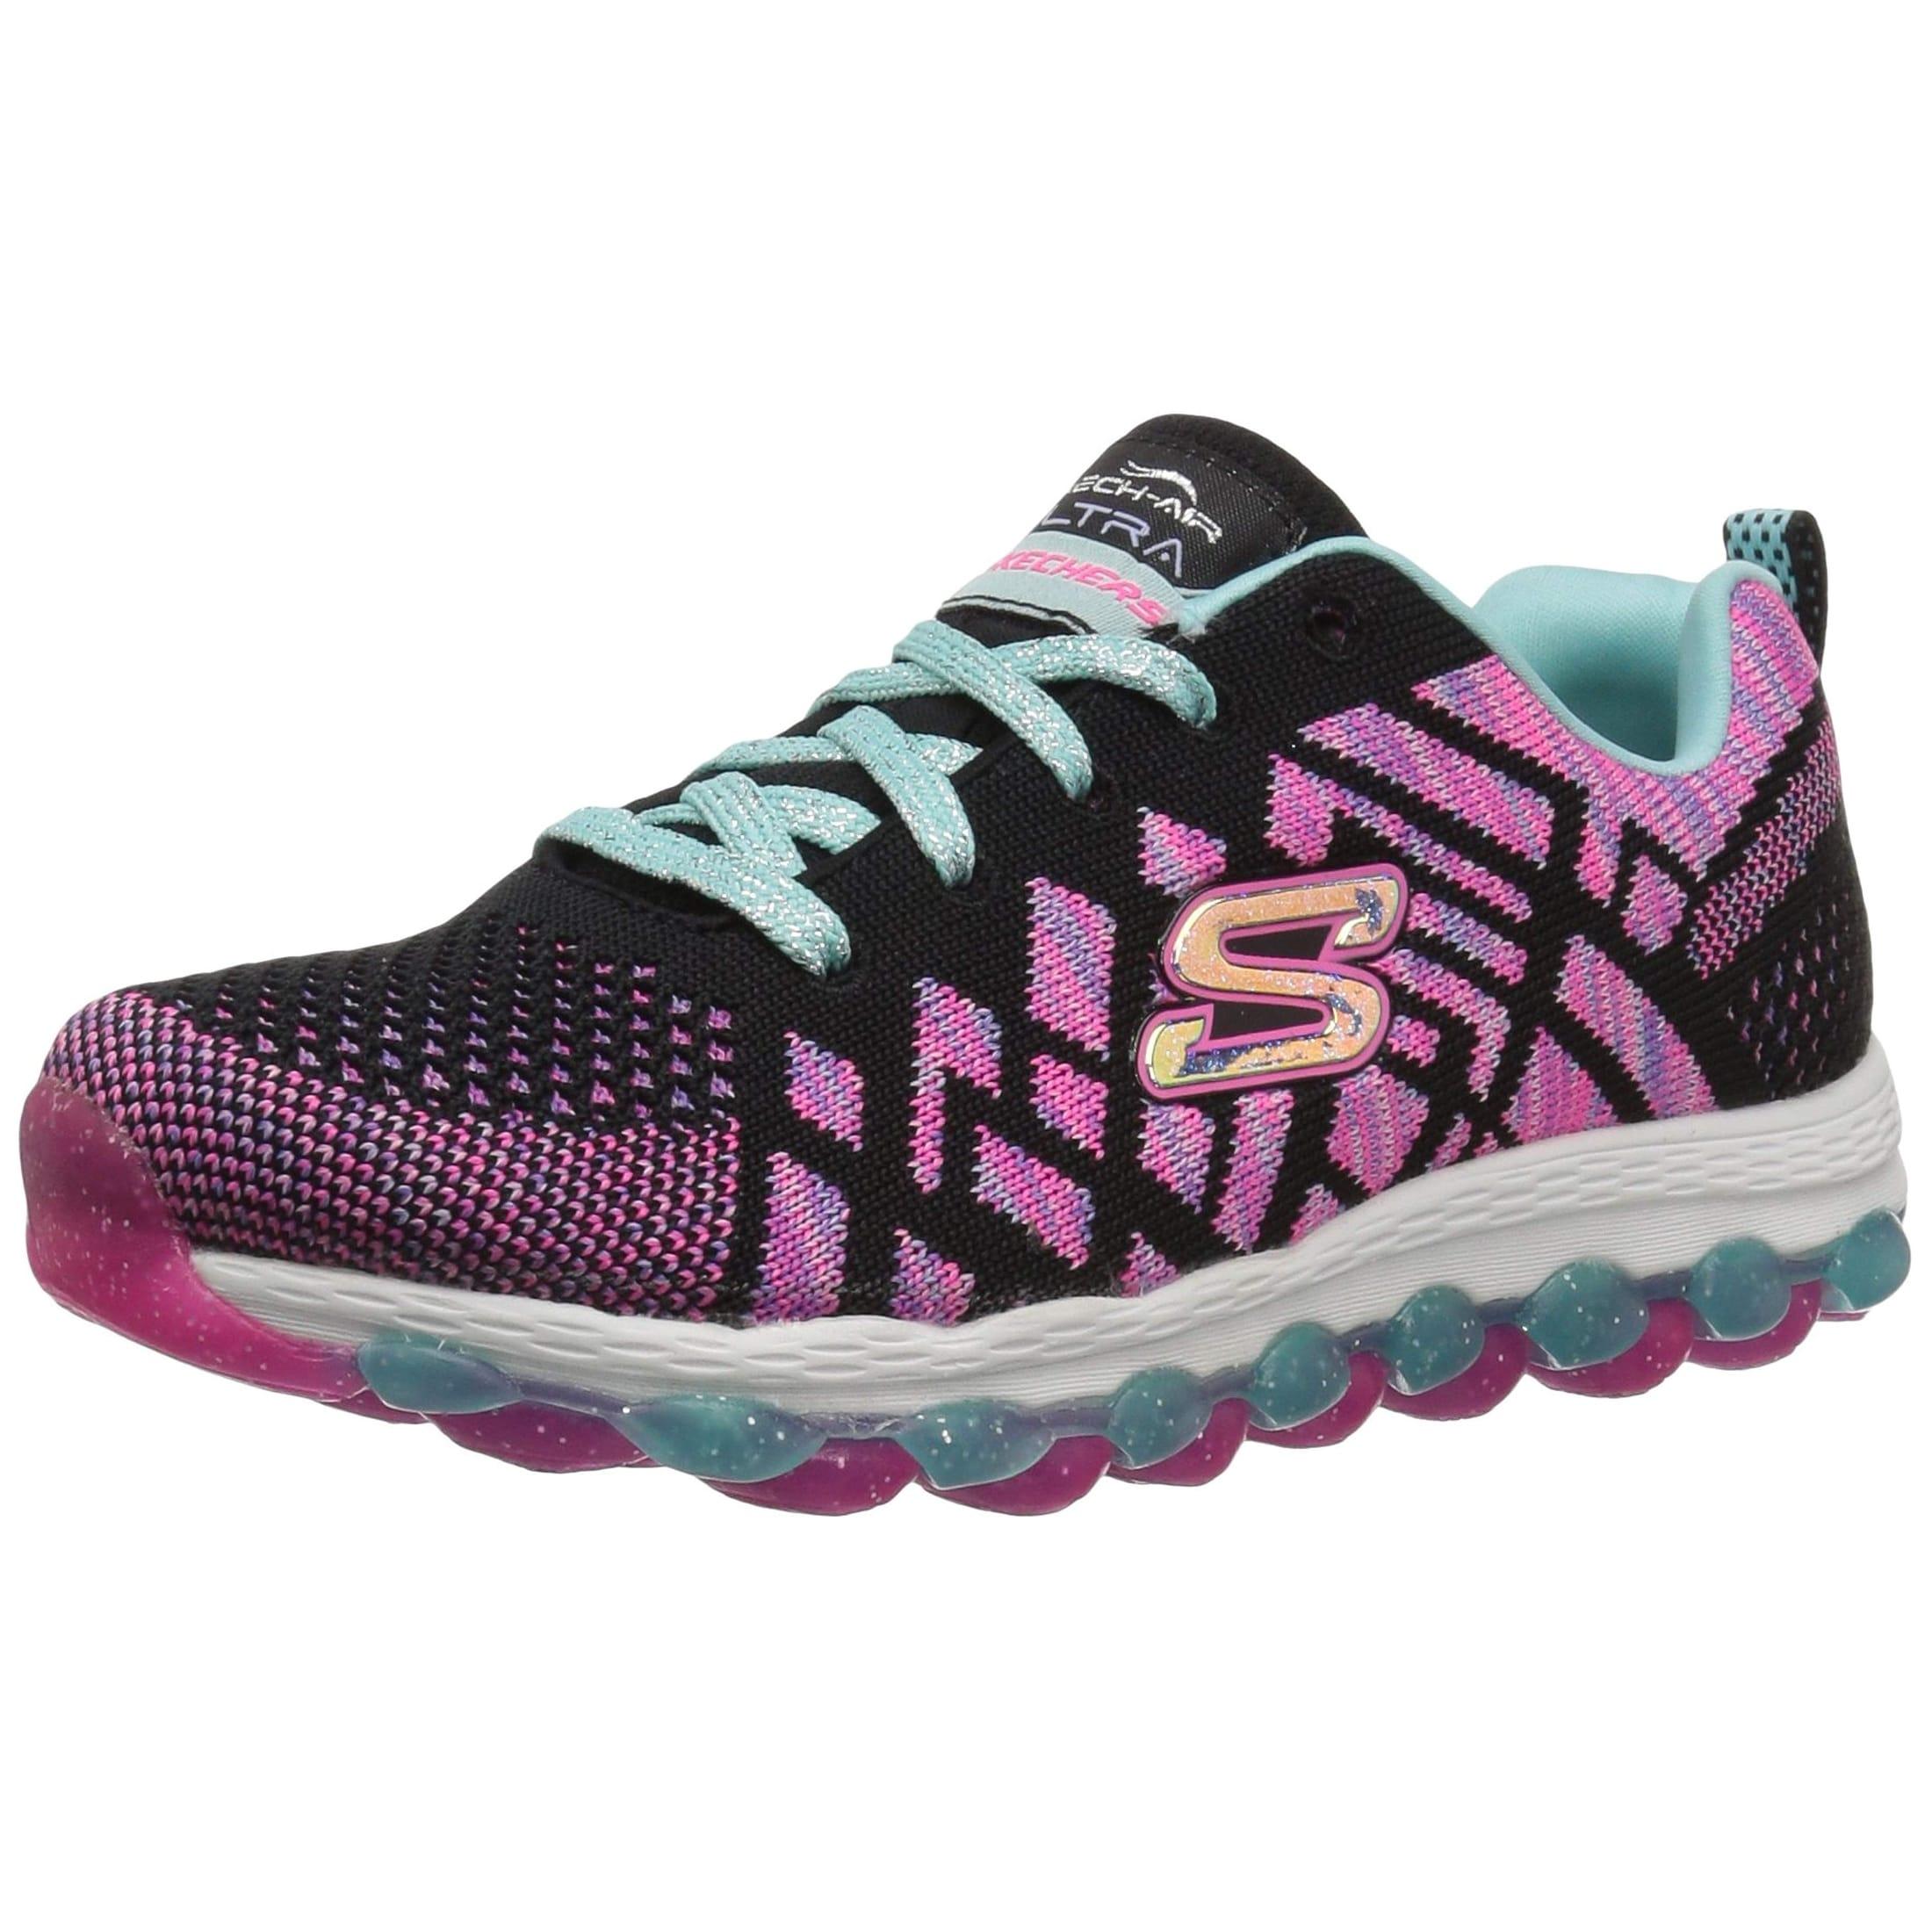 Youth Girl/'s Skechers Skech Air Ultra Kick N Knit Sneakers Grey//Mult